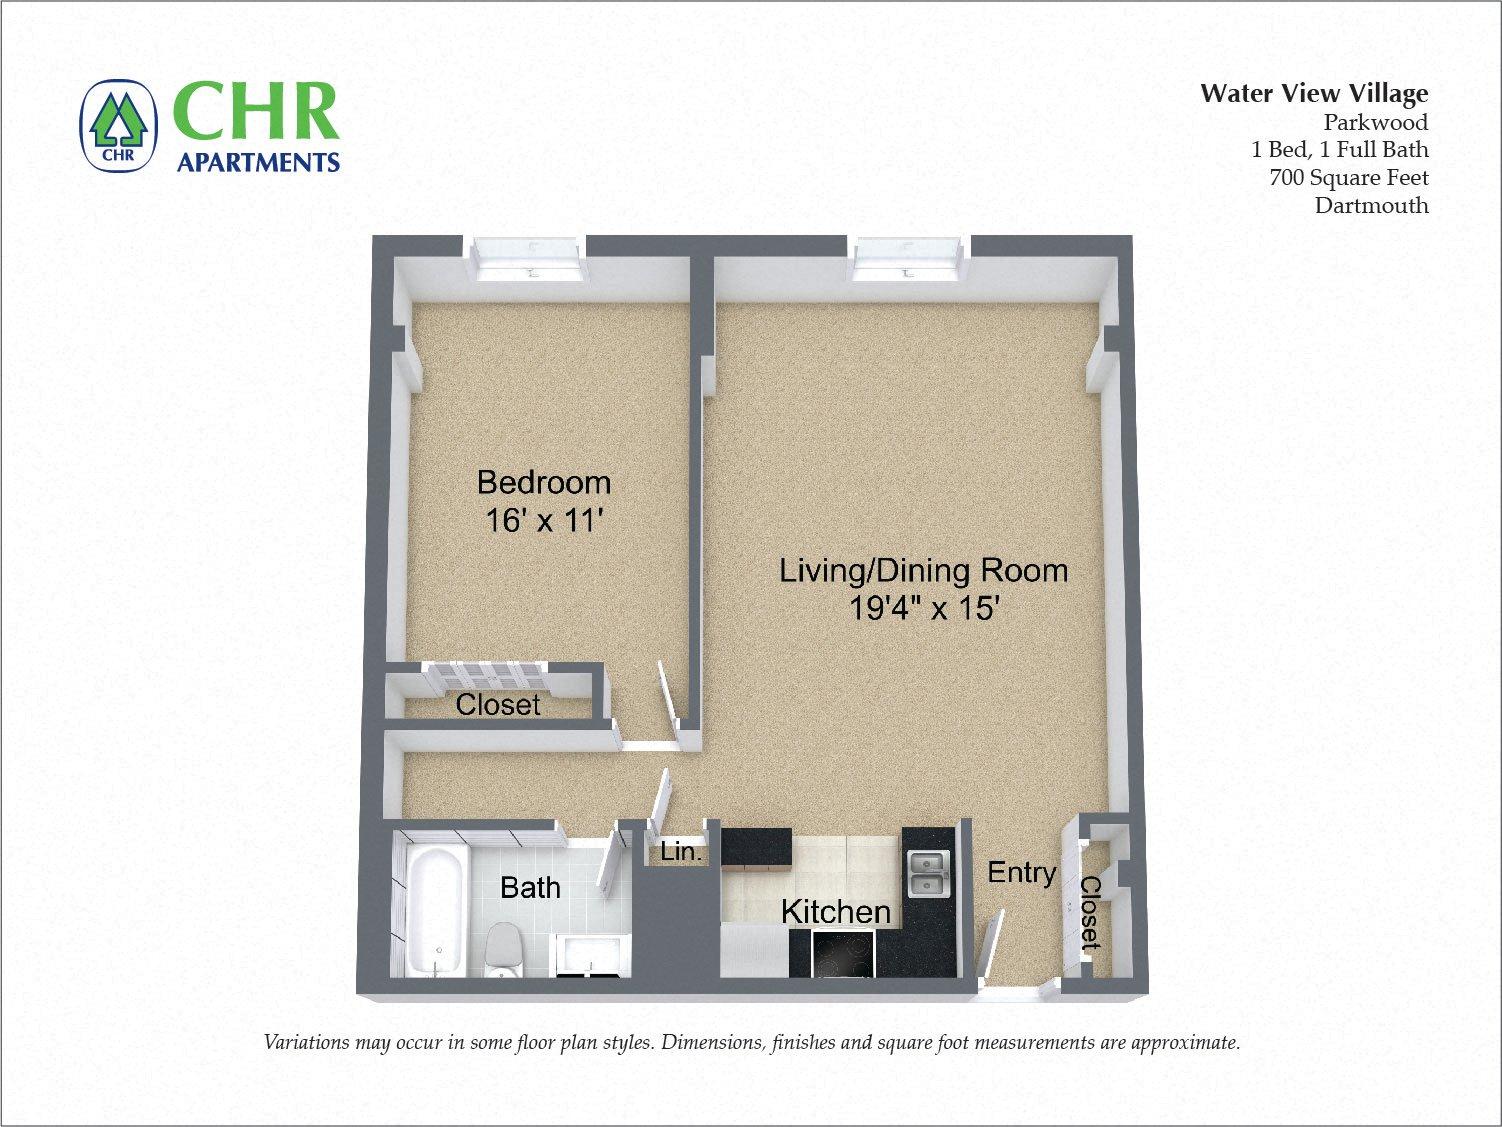 Floor plan 1 Bedroom image 4